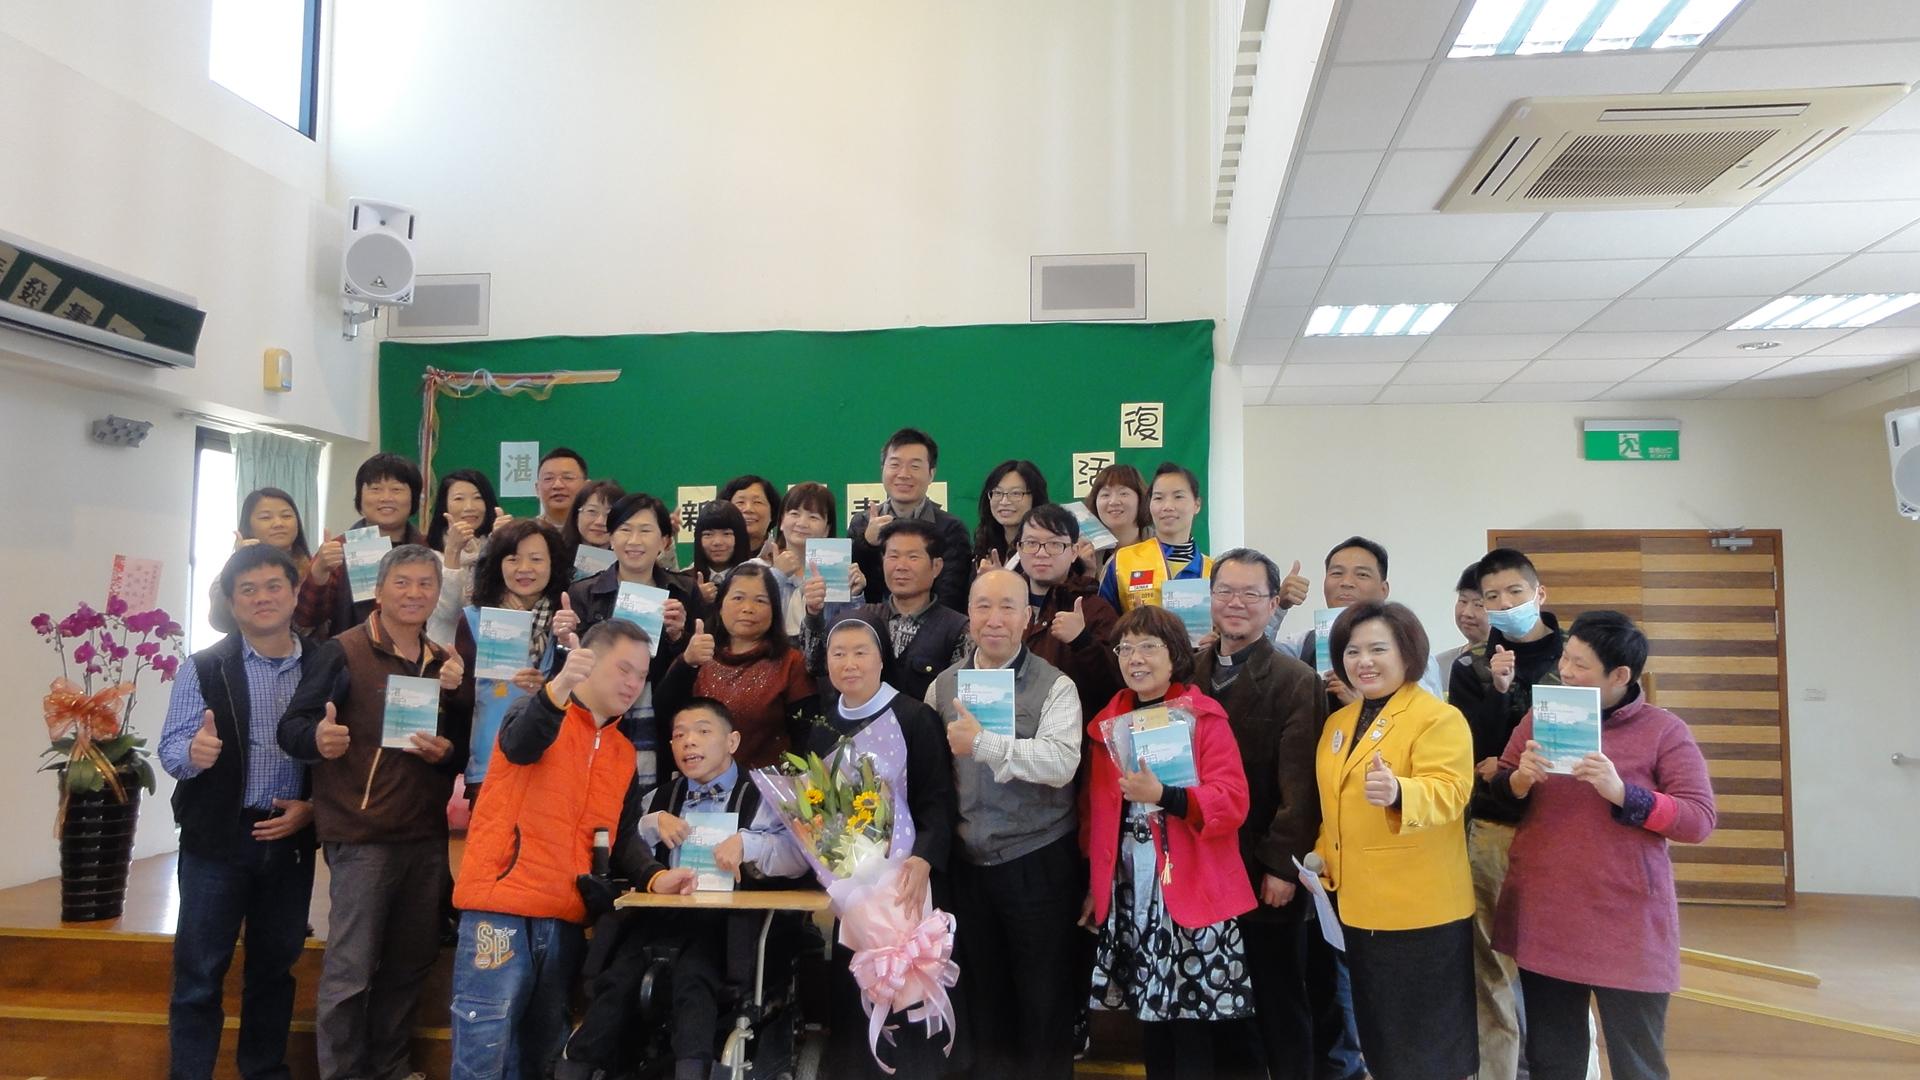 新書「湛藍白雲的故事-突破身障的勇士」發表會